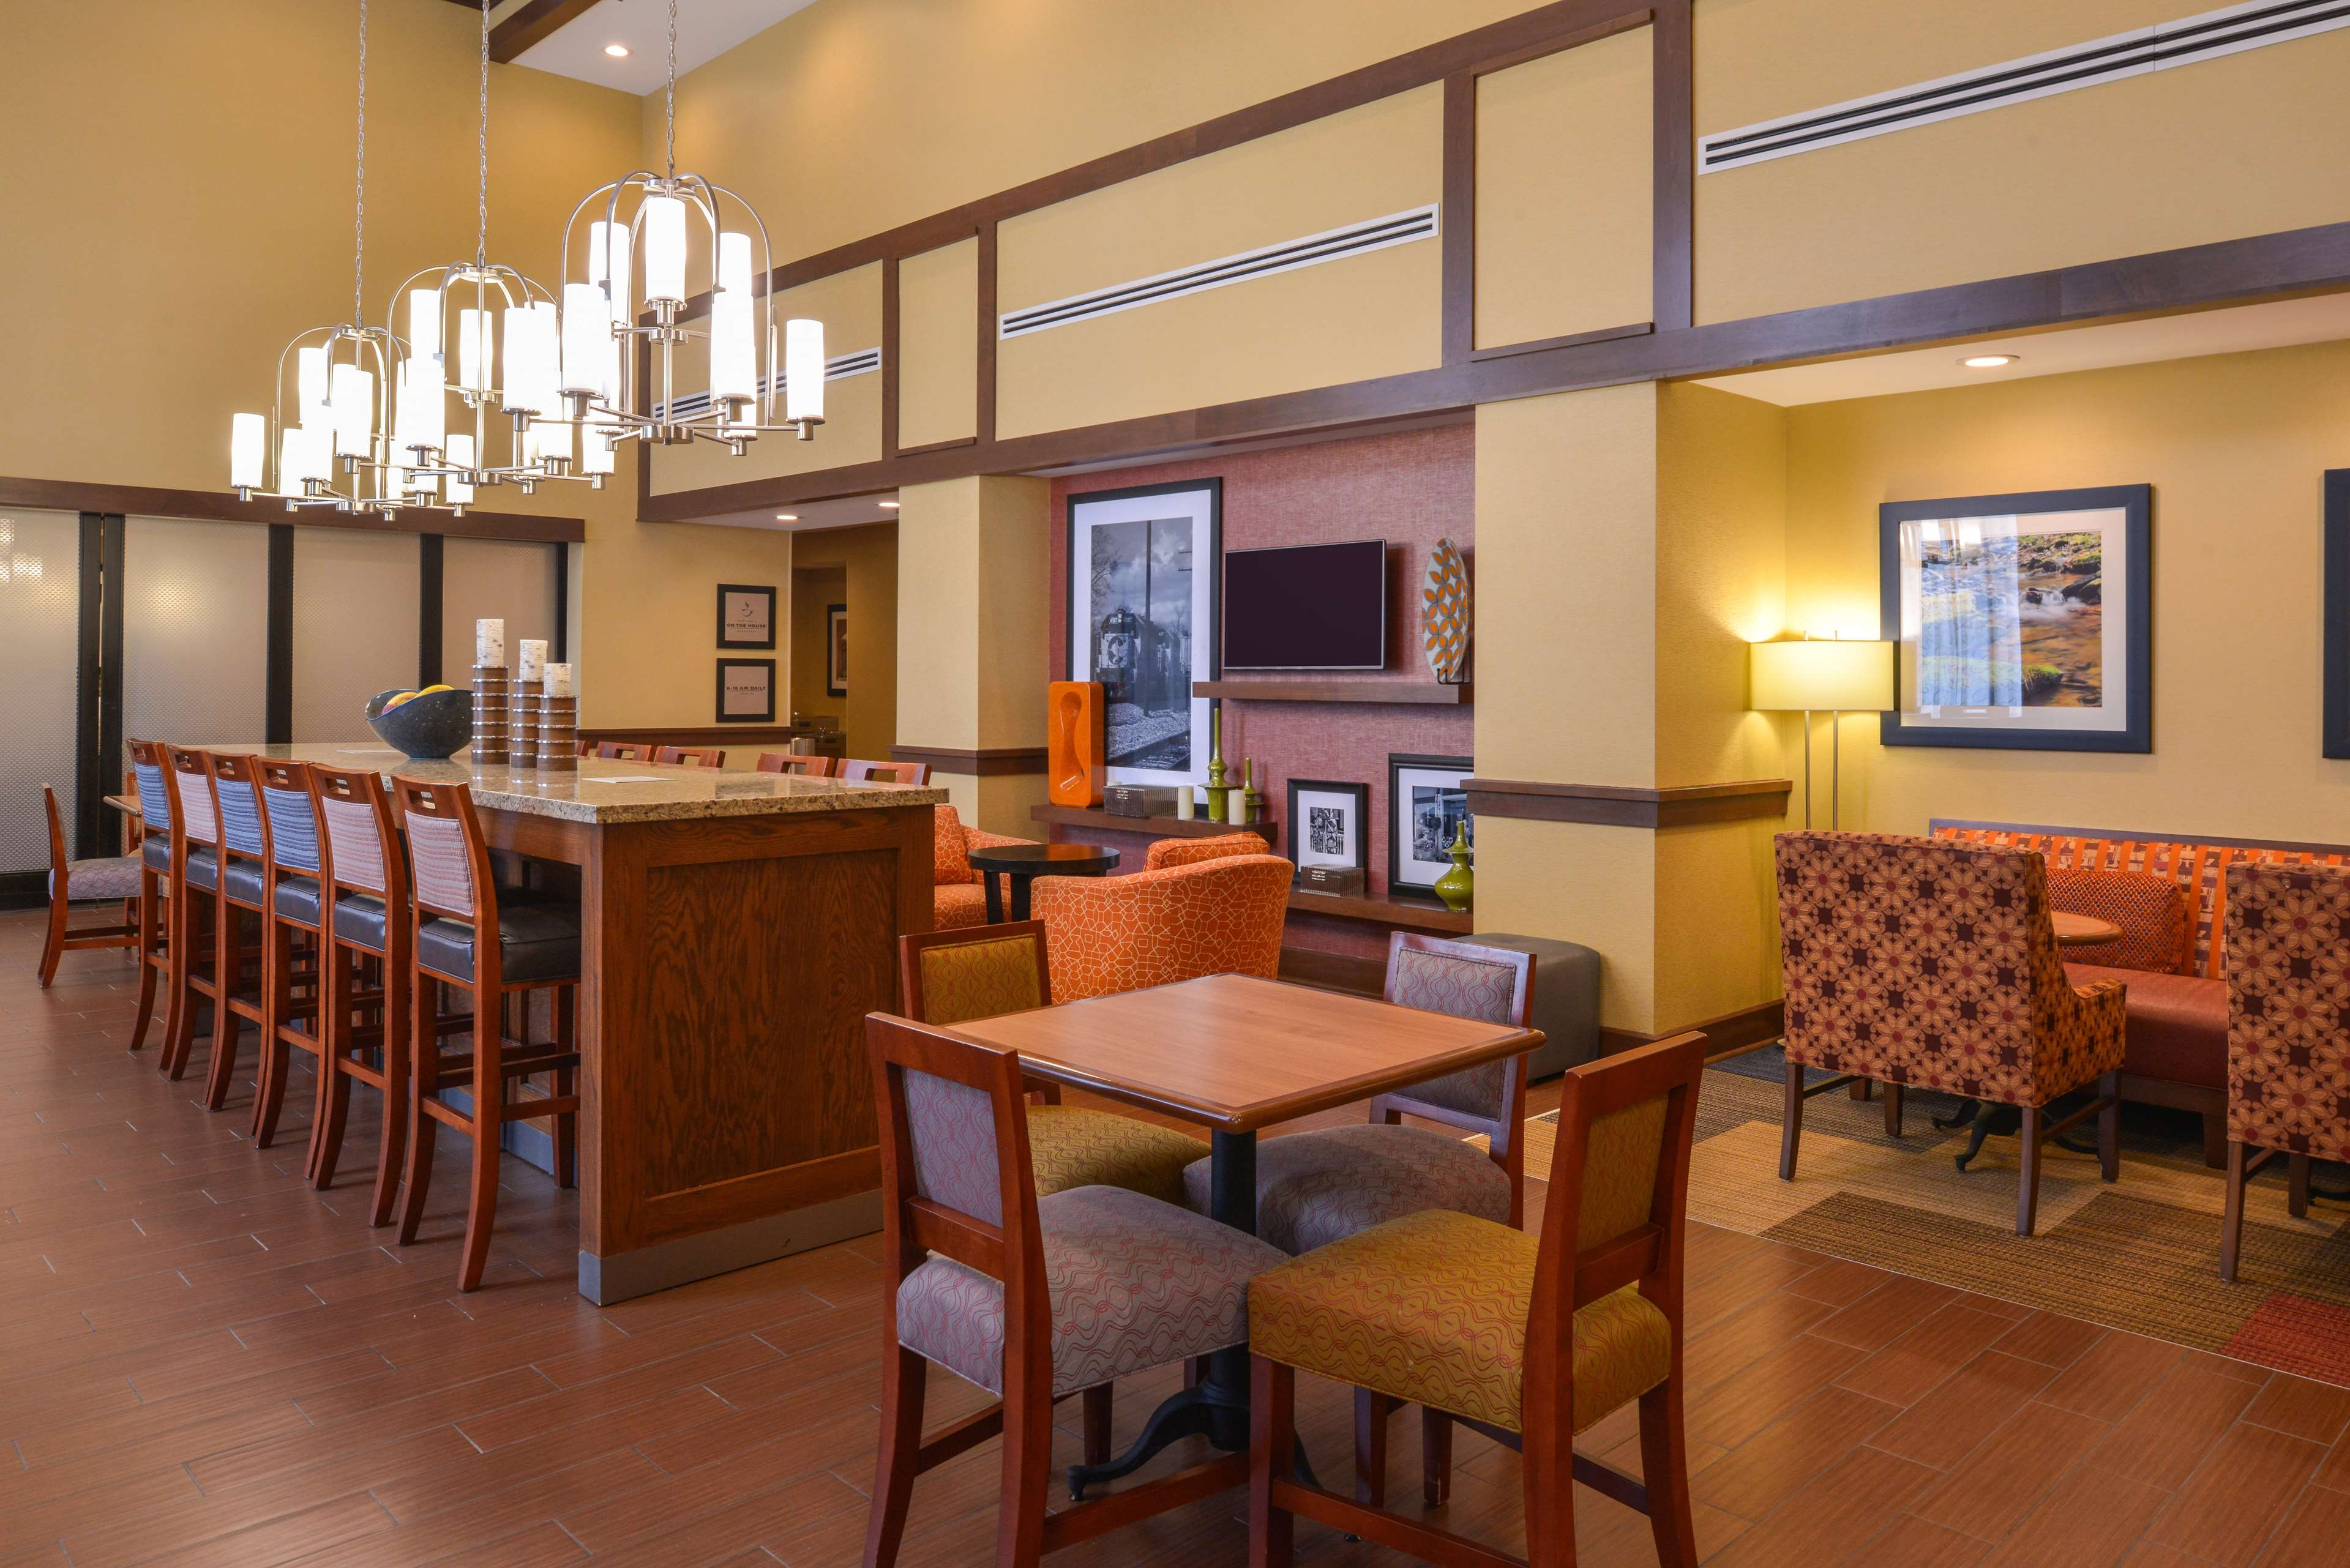 Hampton Inn & Suites Lonoke image 2